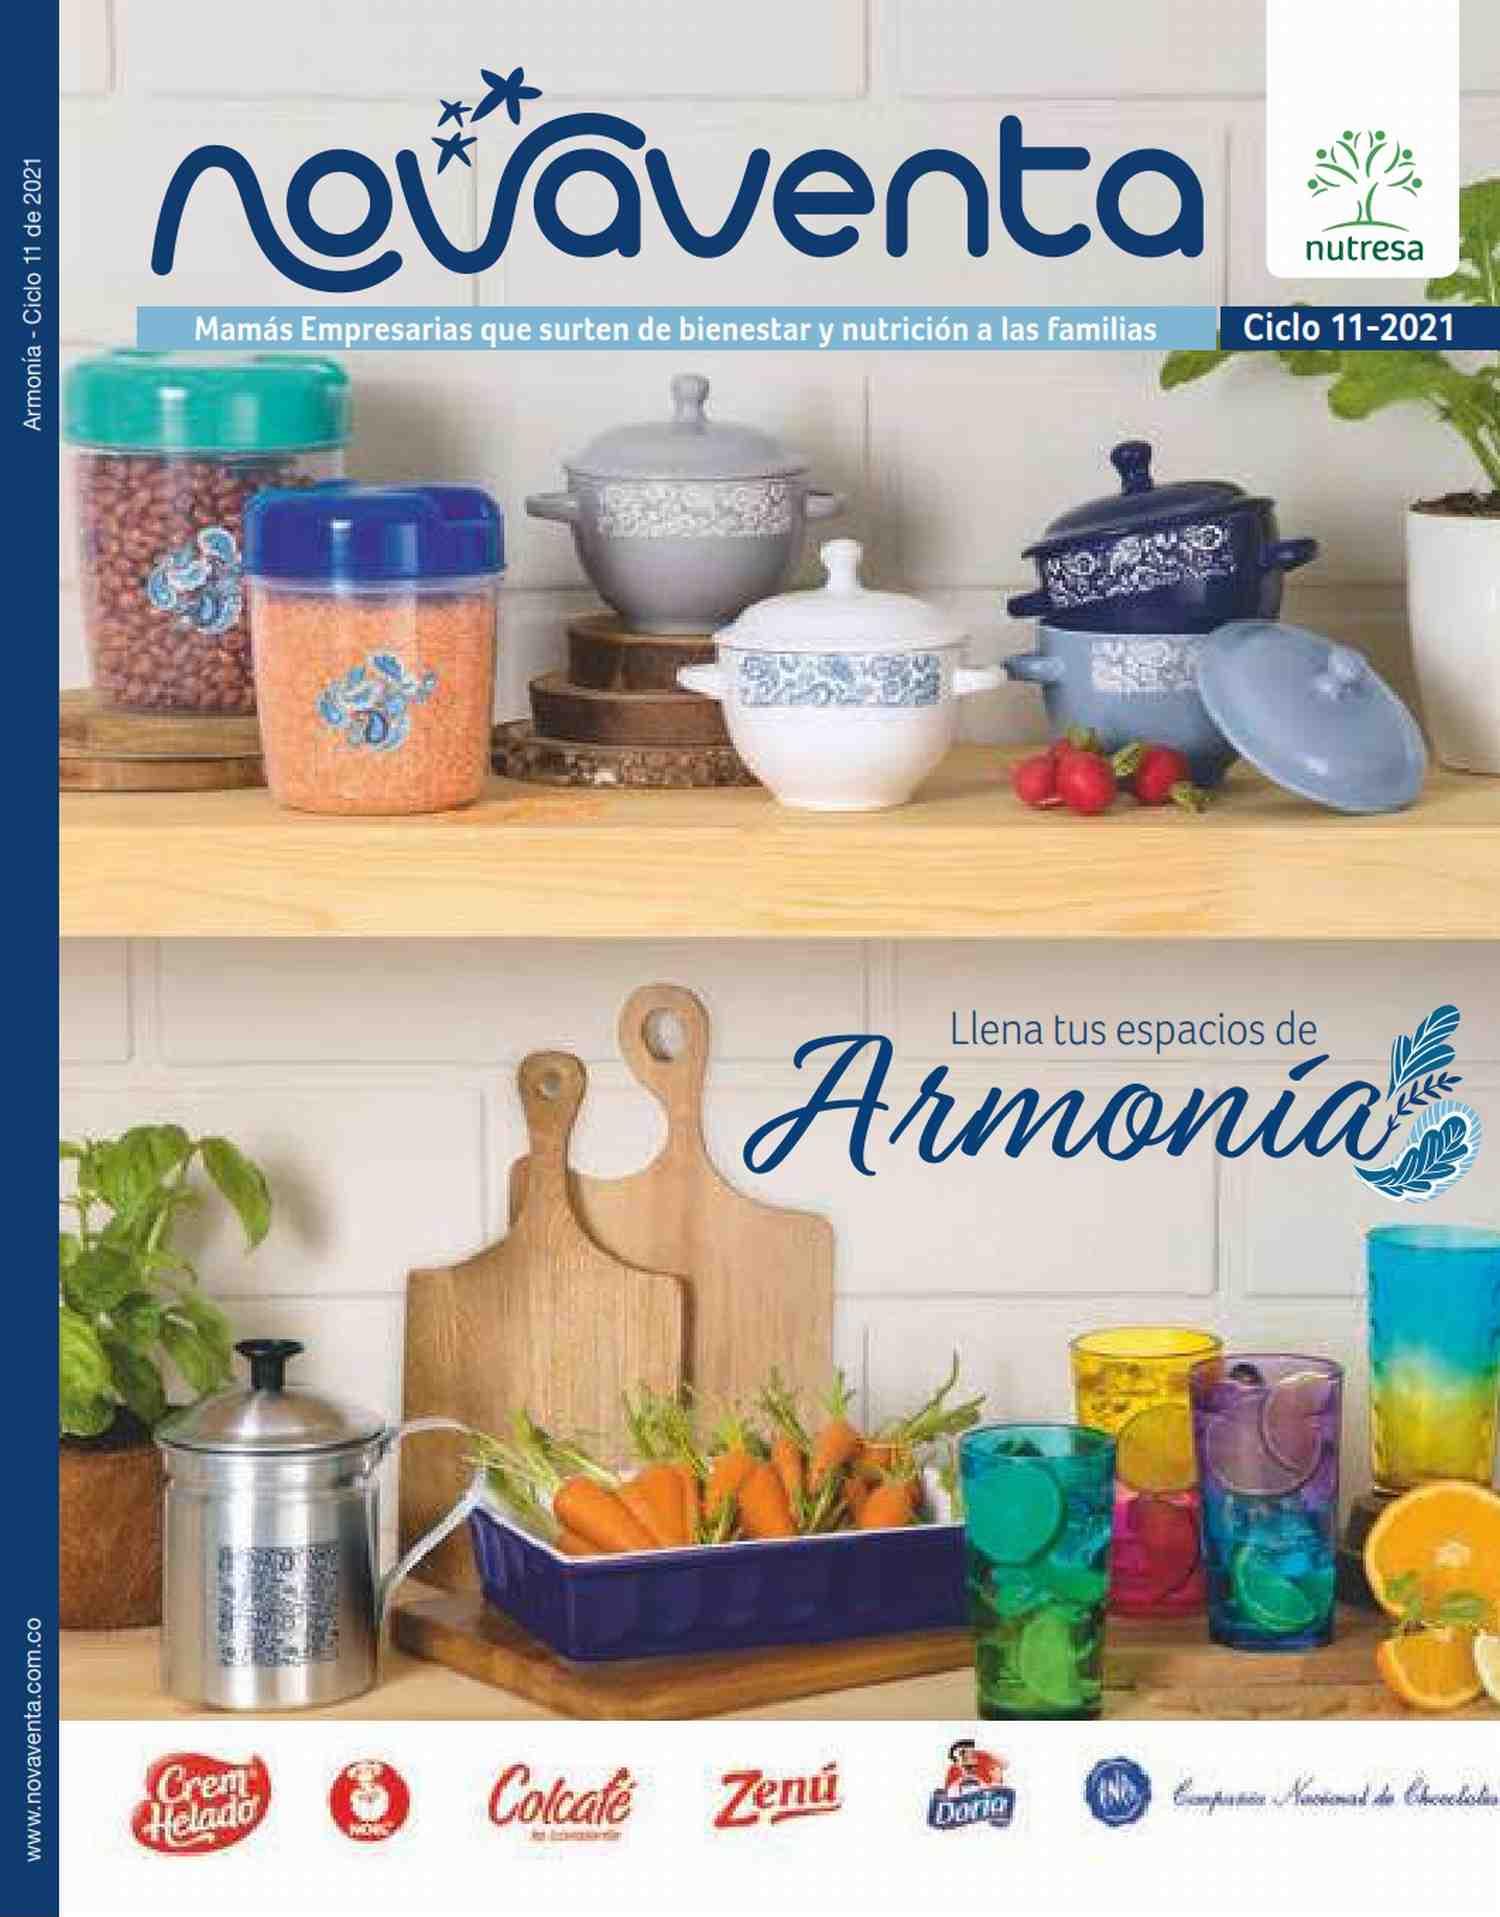 Catalogo Novaventa Campaña 11 2021 Colombia